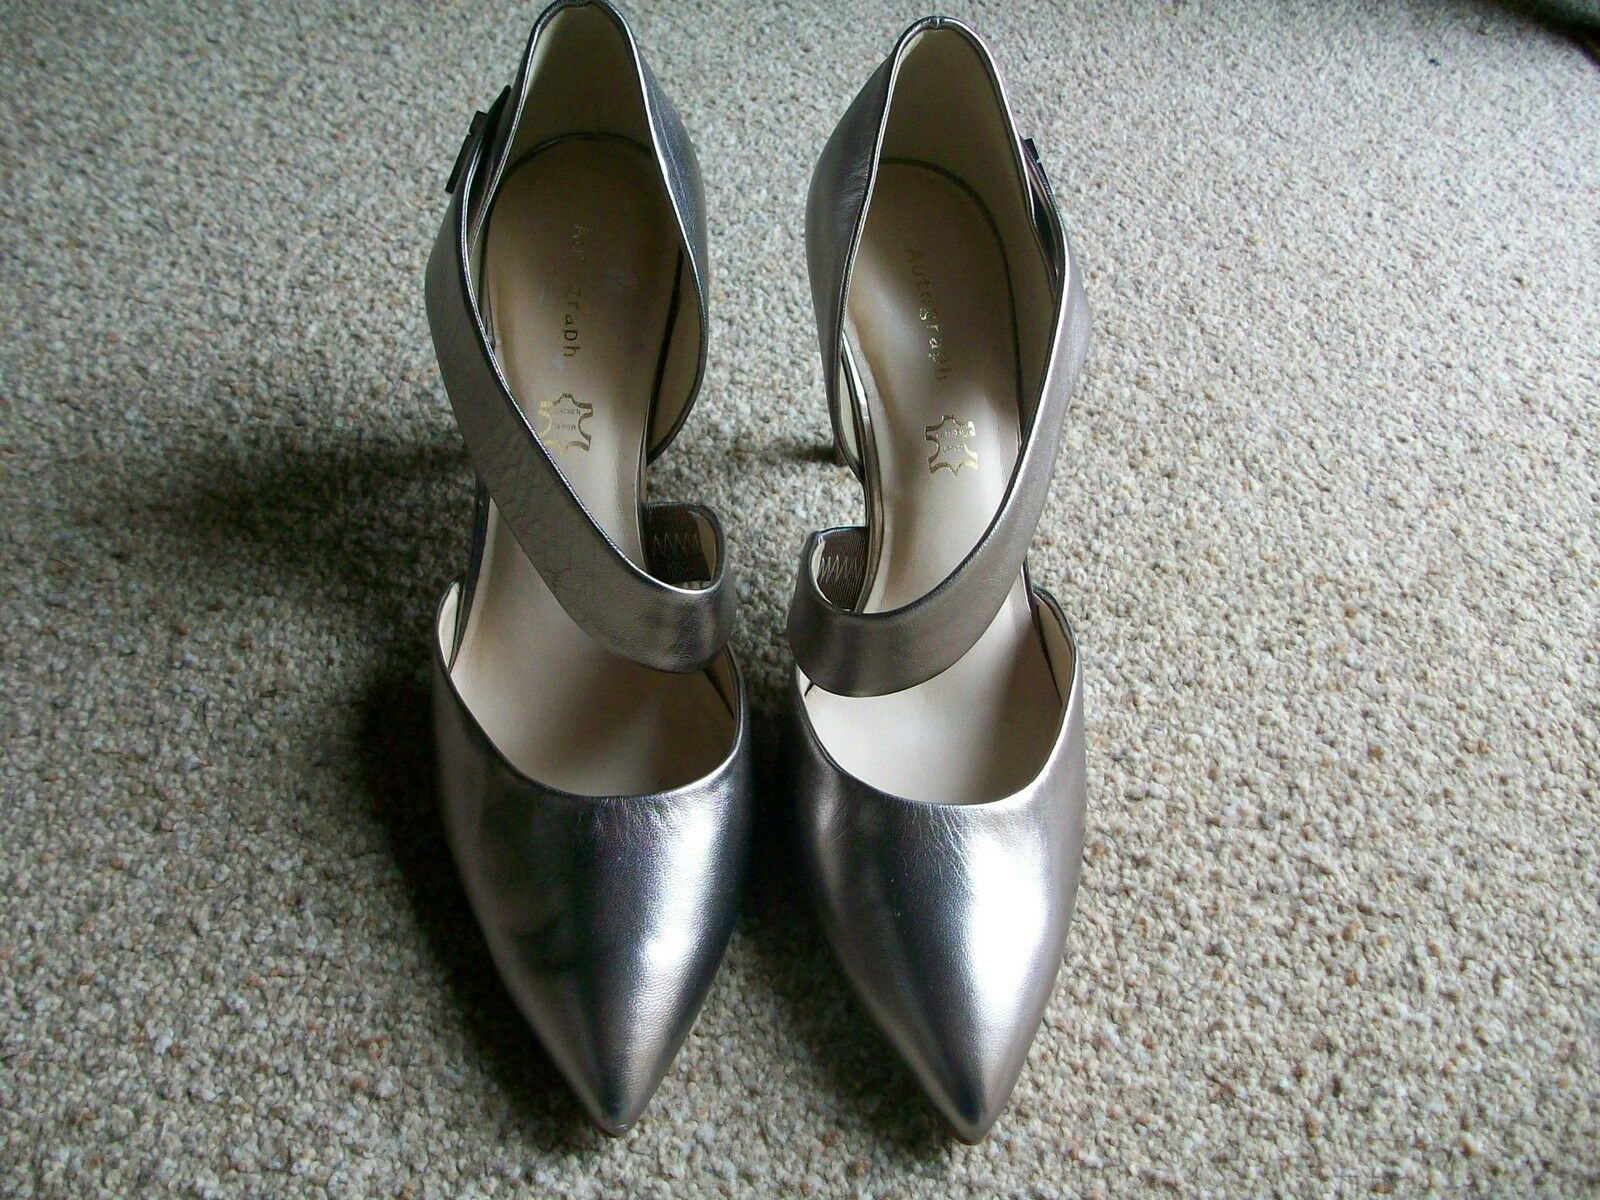 Autograph Metallic Leder Strap Court Schuhes, Größe 8 8 Größe (Eur.42), M&S, BNWT fedd21